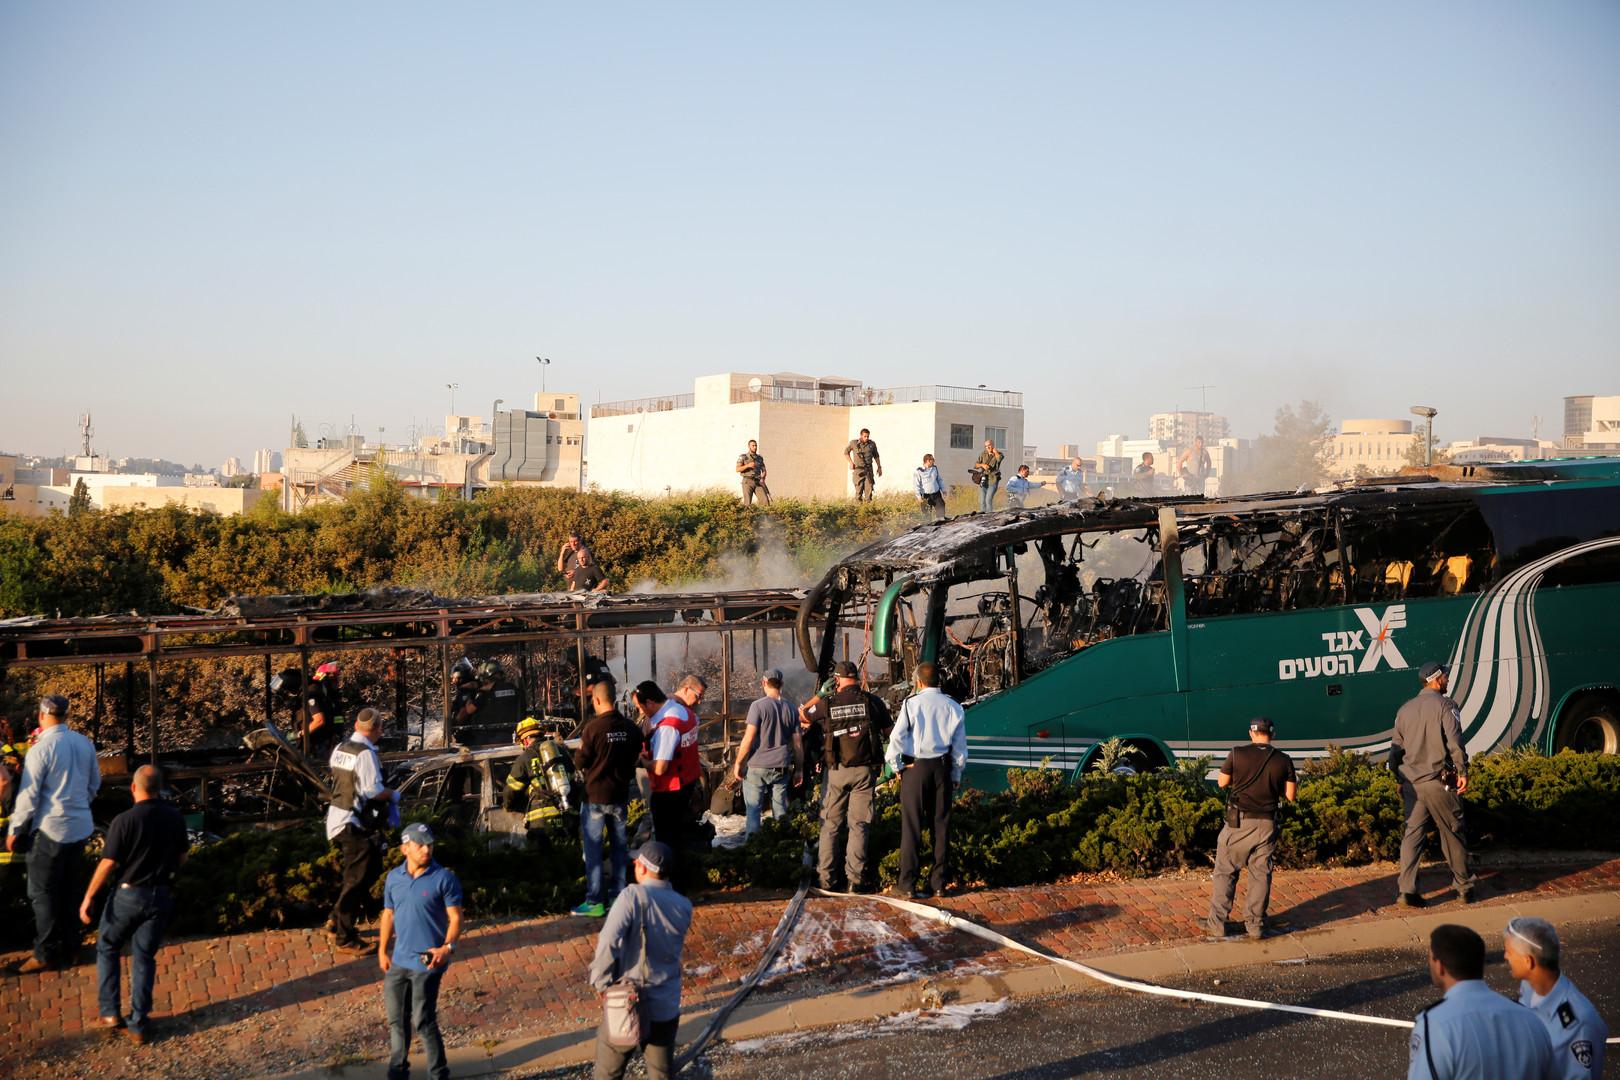 Attentat à la bombe dans un bus à Jérusalem: la tension monte d'un cran en Israël